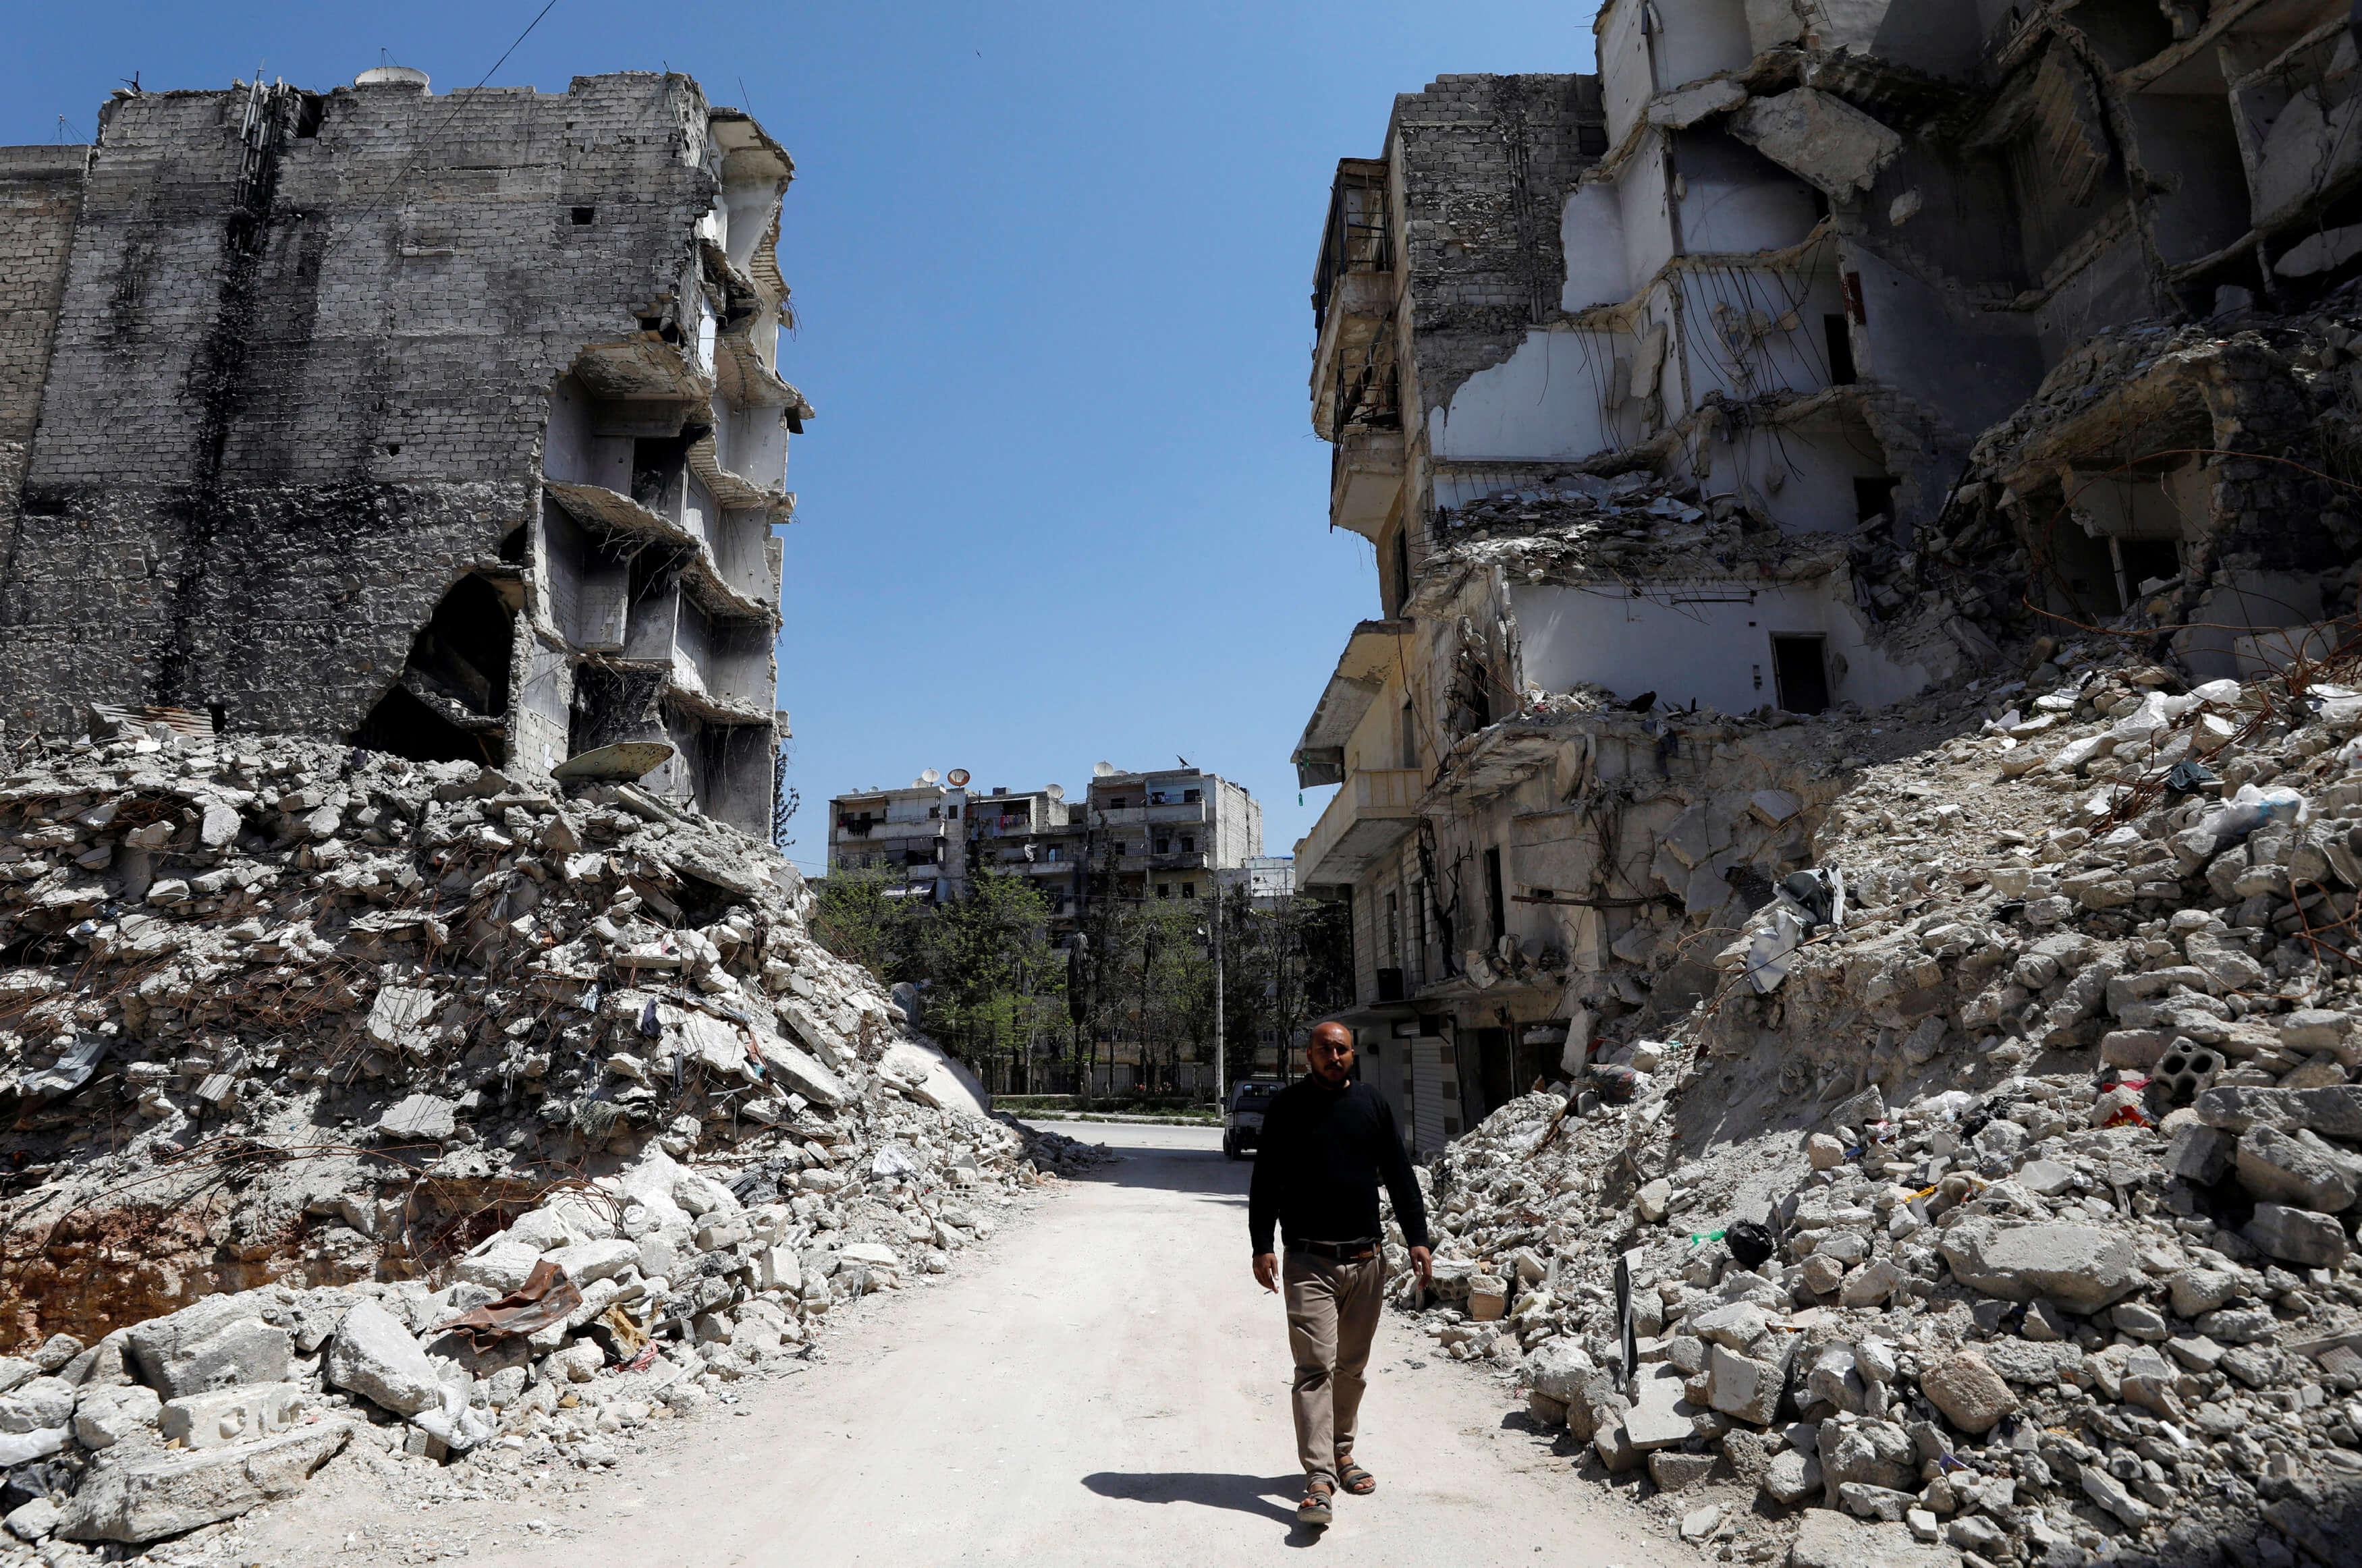 Με βομβαρδισμό απειλούν οι ΗΠΑ τη Συρία αν αποδειχθεί ότι έκανε και πάλι χρήση χημικών όπλων